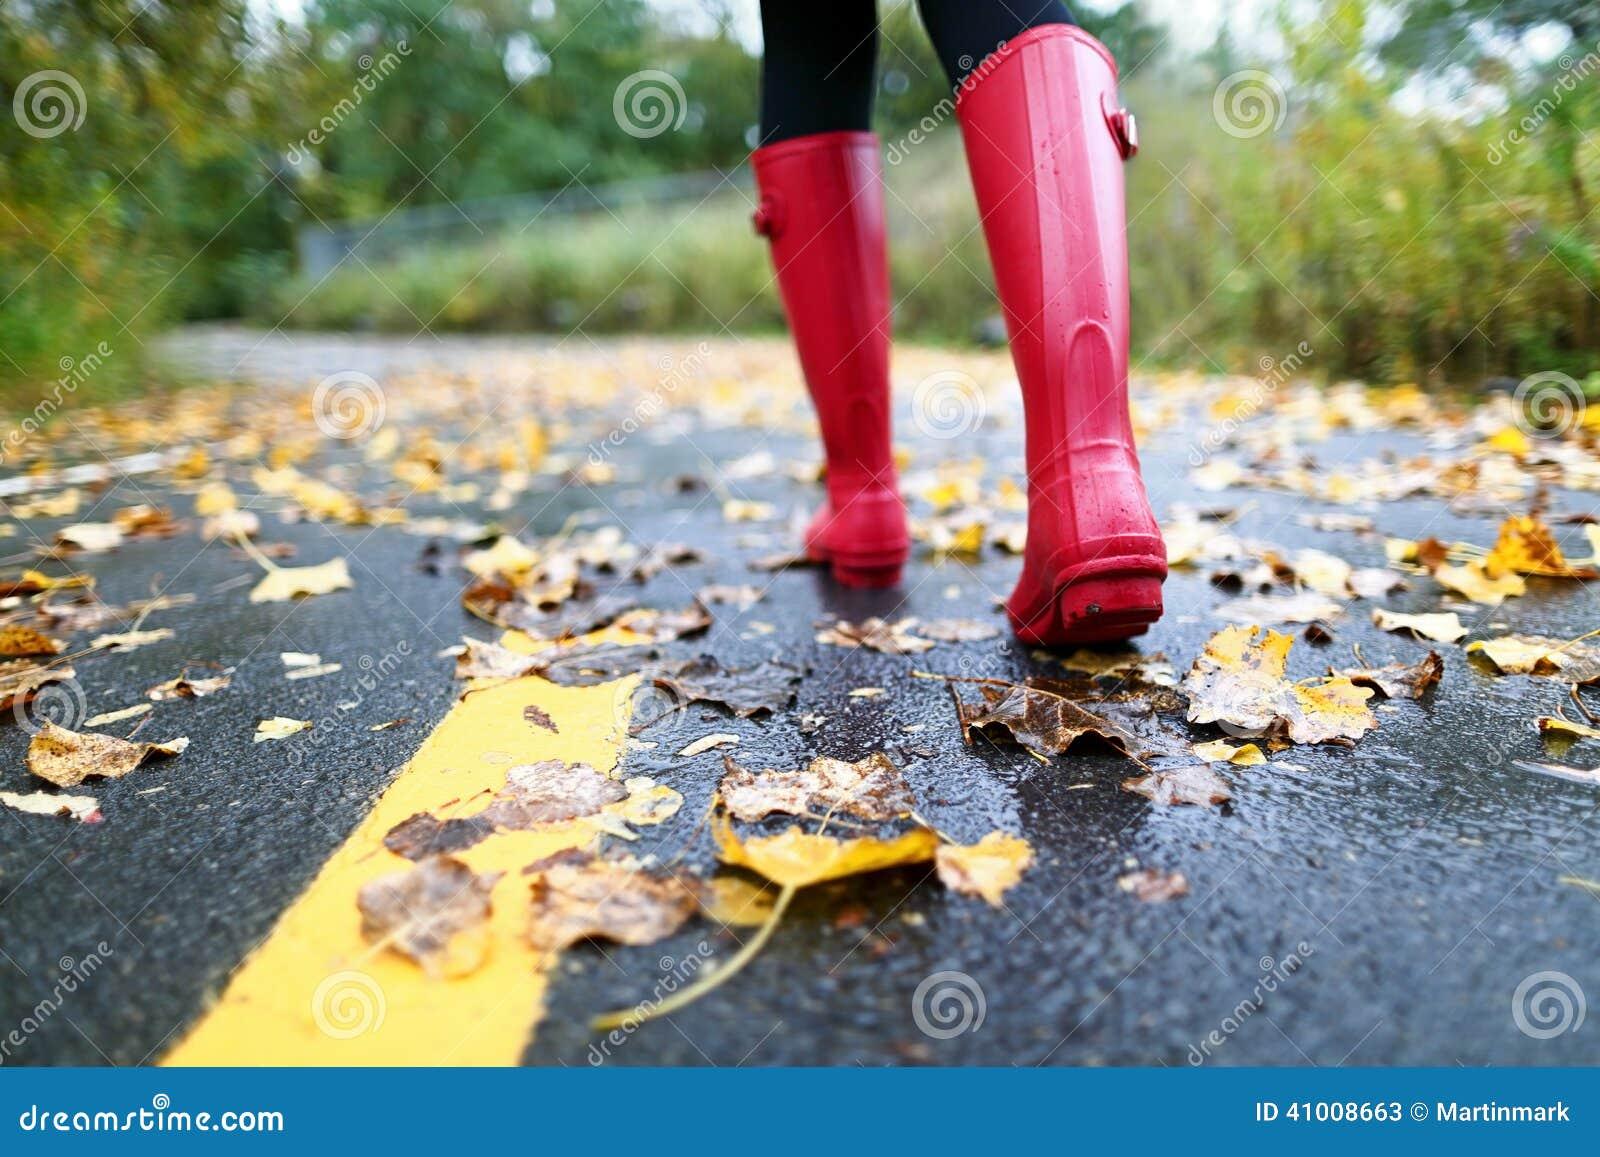 Chute d automne avec les feuilles et les bottes de pluie colorées